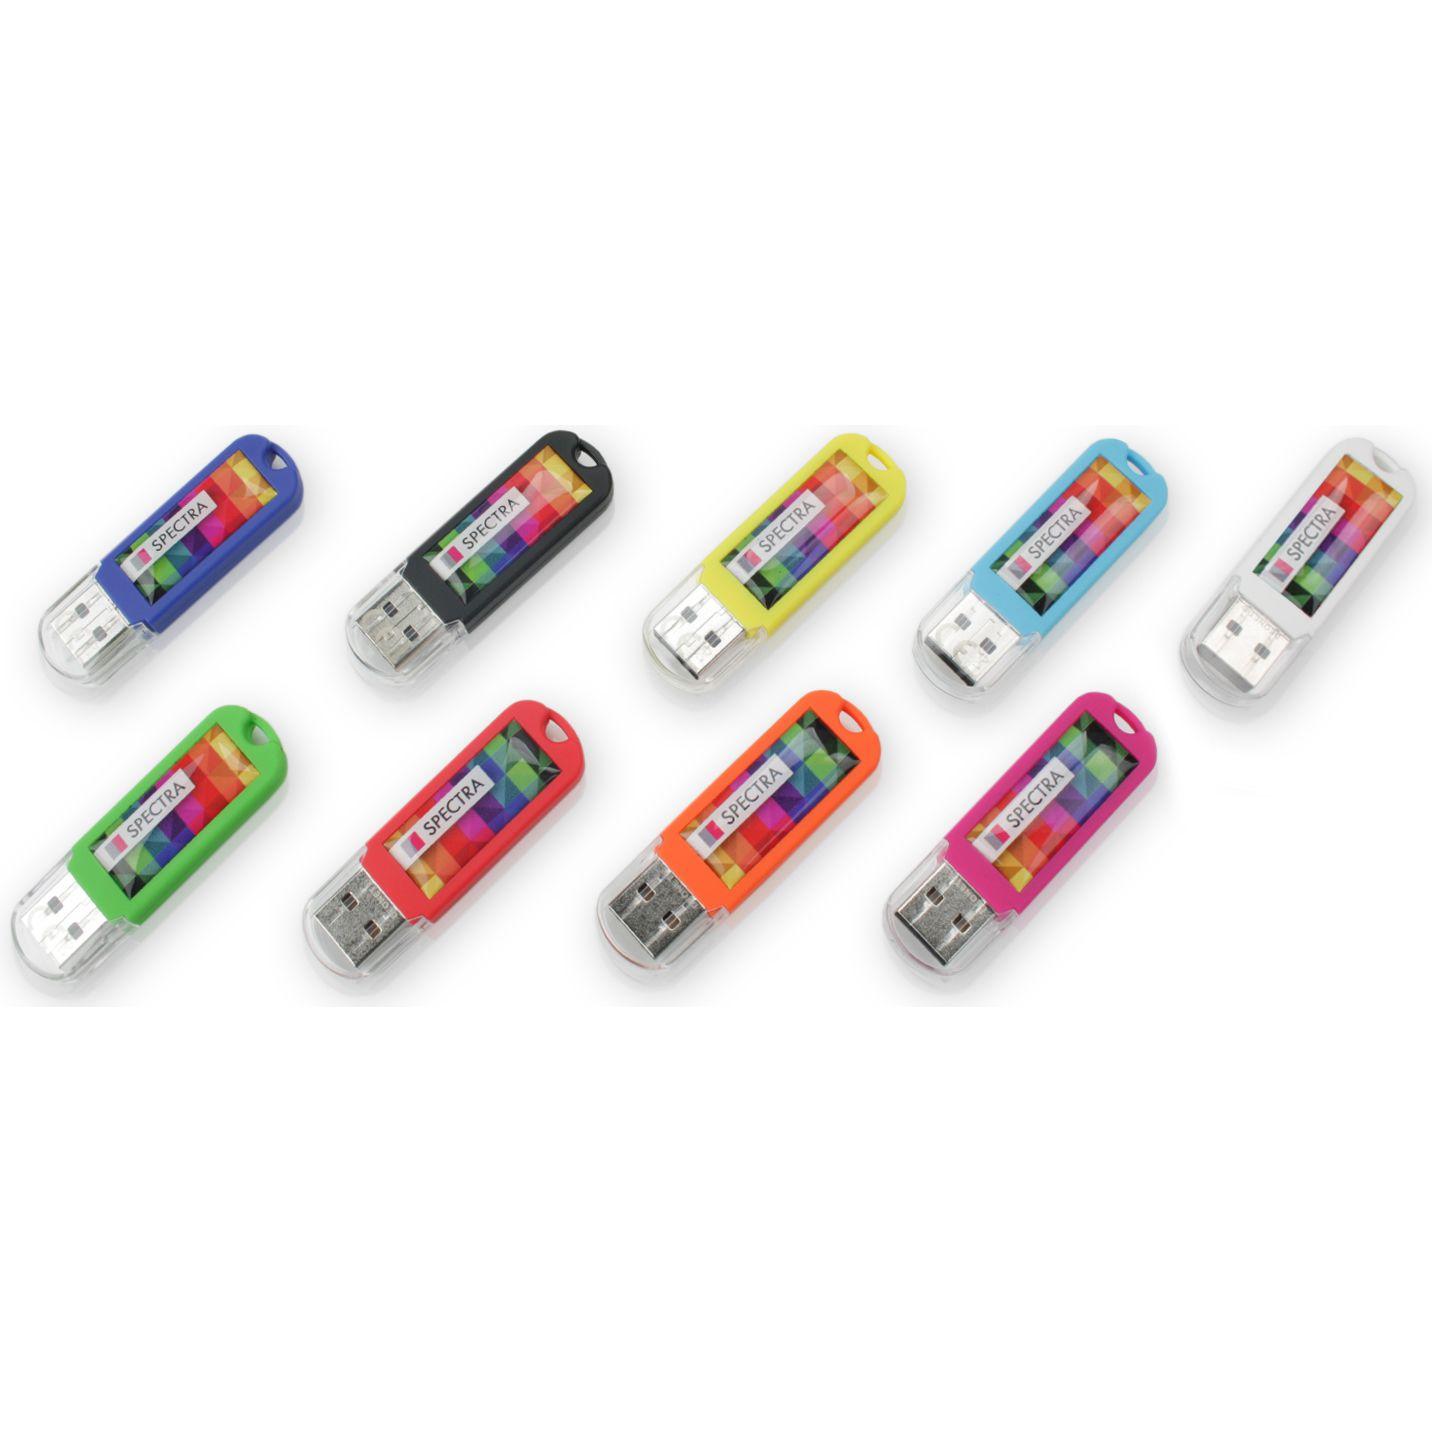 Clé USB publicitaire Spectra 3.0 - clé USB personnalisable